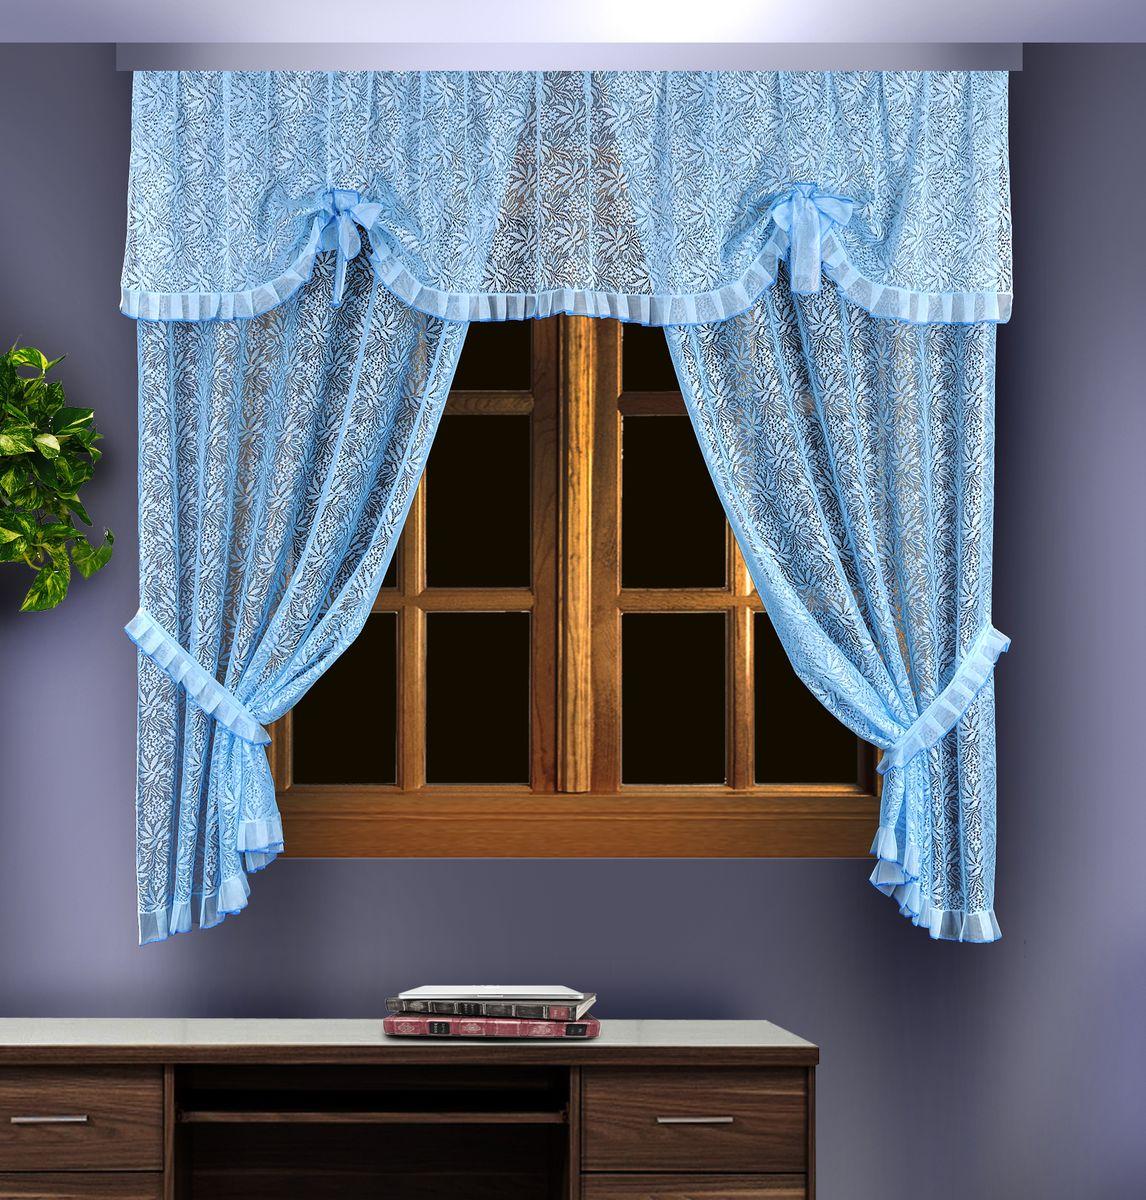 Комплект штор для кухни Zlata Korunka, цвет: голубой, высота 180 см. 88836 штора bartica quelle quelle 770777 в ш ок 175 140 см